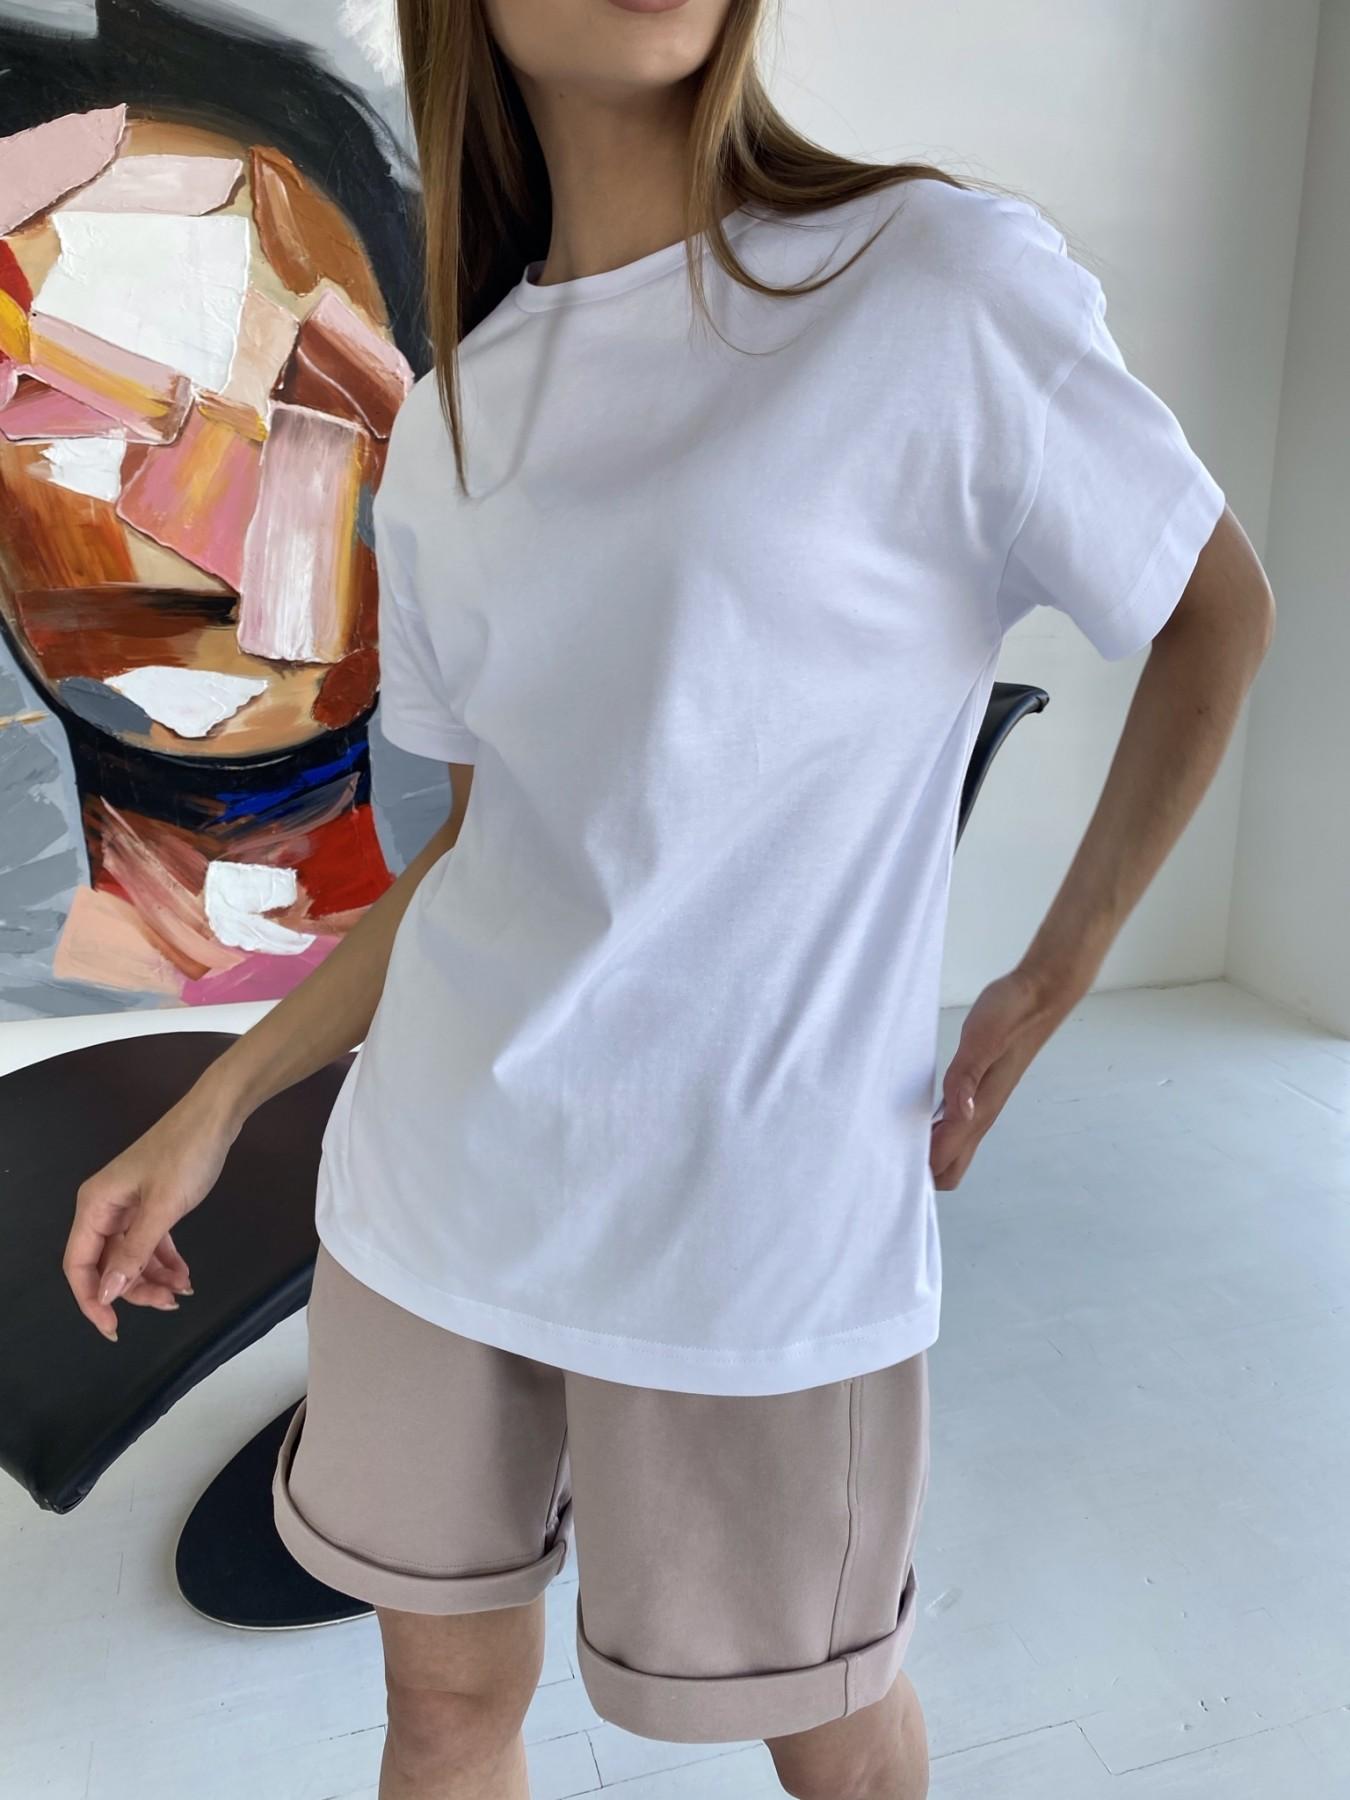 Фарт 3 костюм трикотажный 2х нитка из вискозы 11394 АРТ. 47931 Цвет: Пудра/белый - фото 12, интернет магазин tm-modus.ru